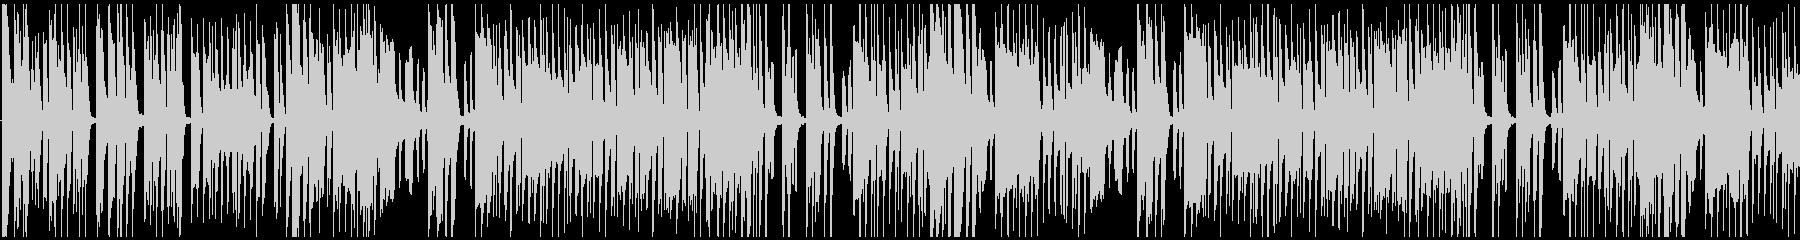 明るい演歌的なメロディの和風BGMの未再生の波形